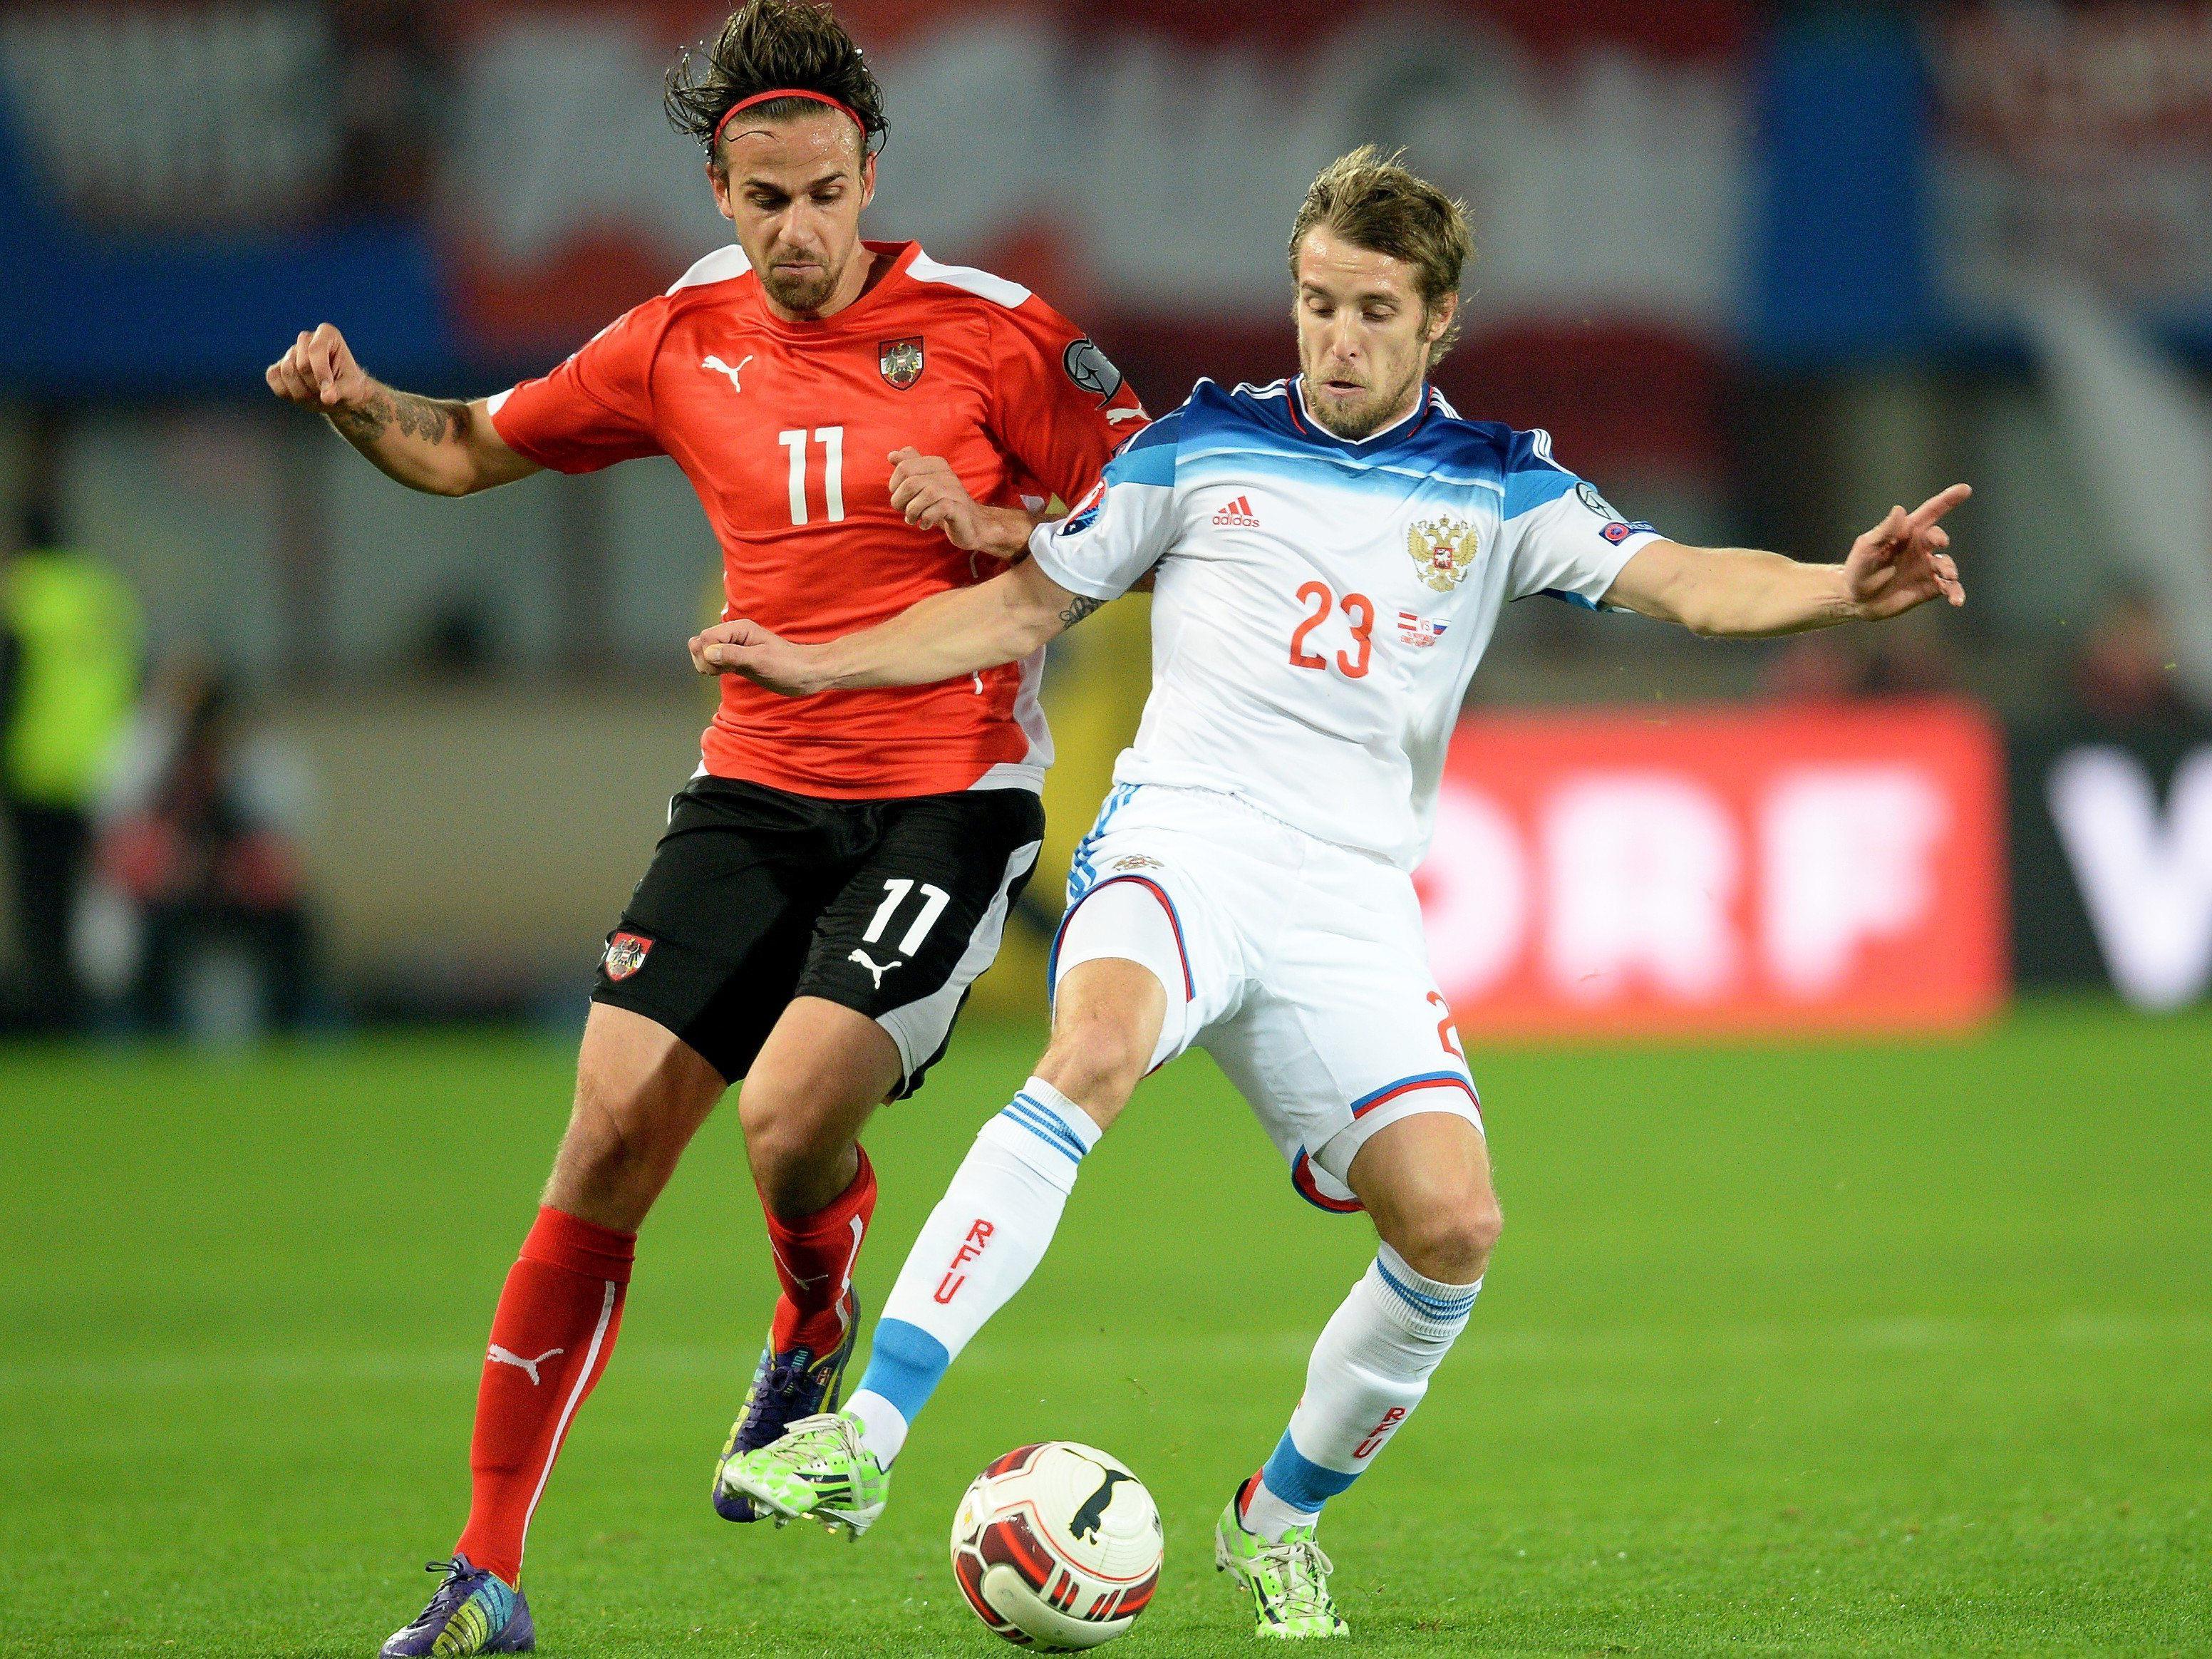 Am 14. Juni trifft Österreich auf Russland in der EM-Qualifikation: Hier geibt es Public Viewing in Wien.